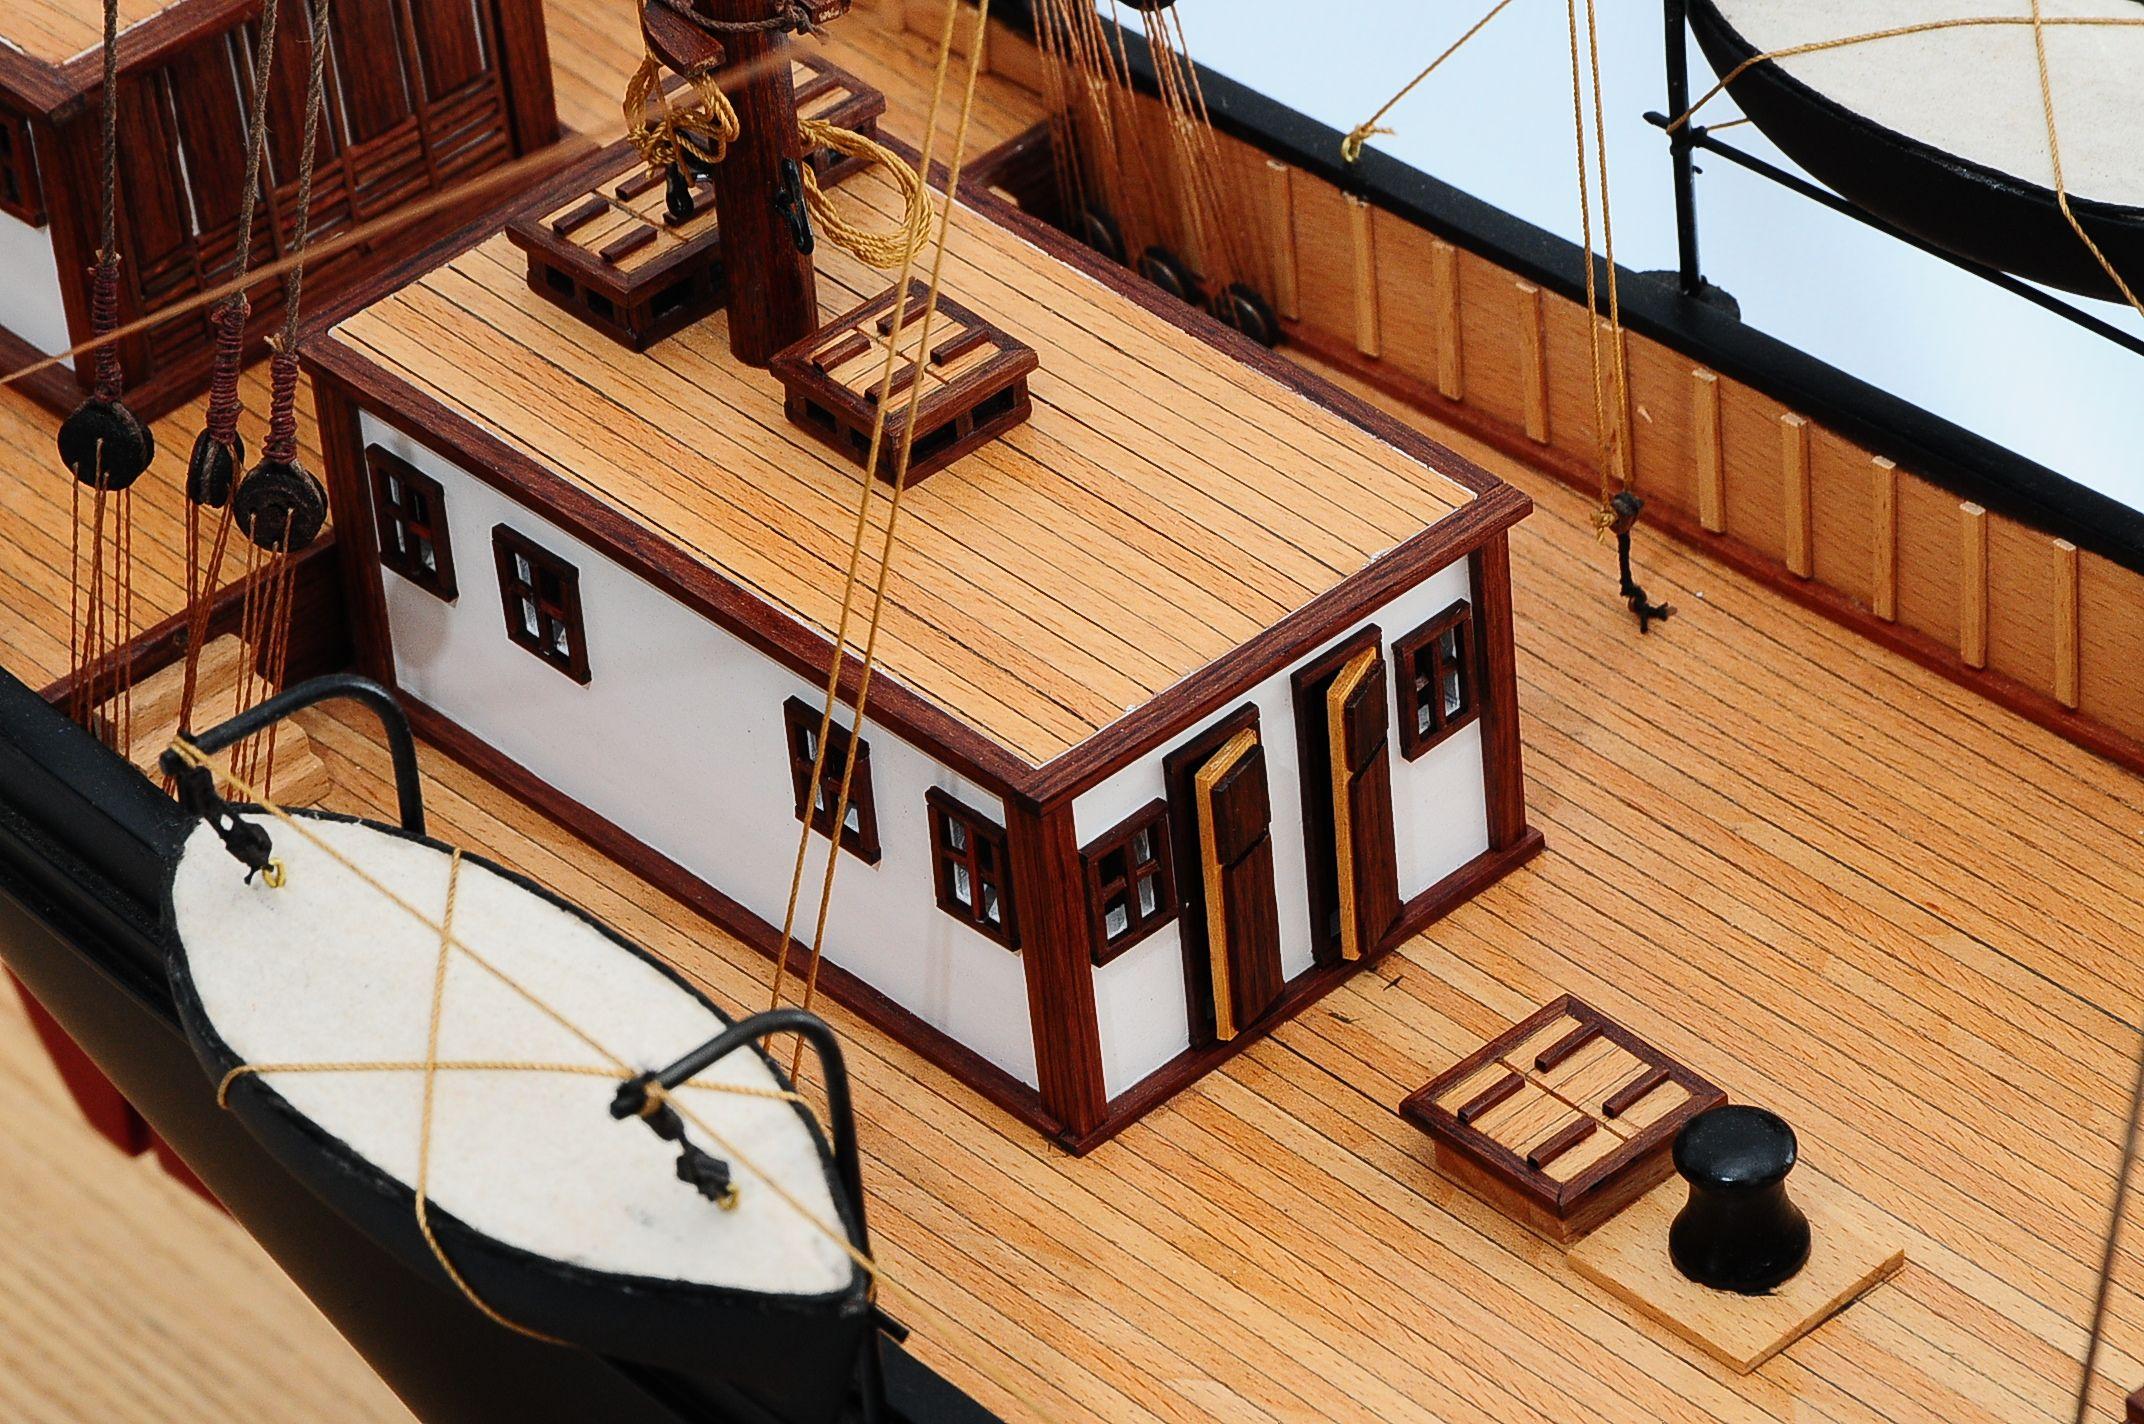 668-8652-California-Model-Ship-Premier-Range